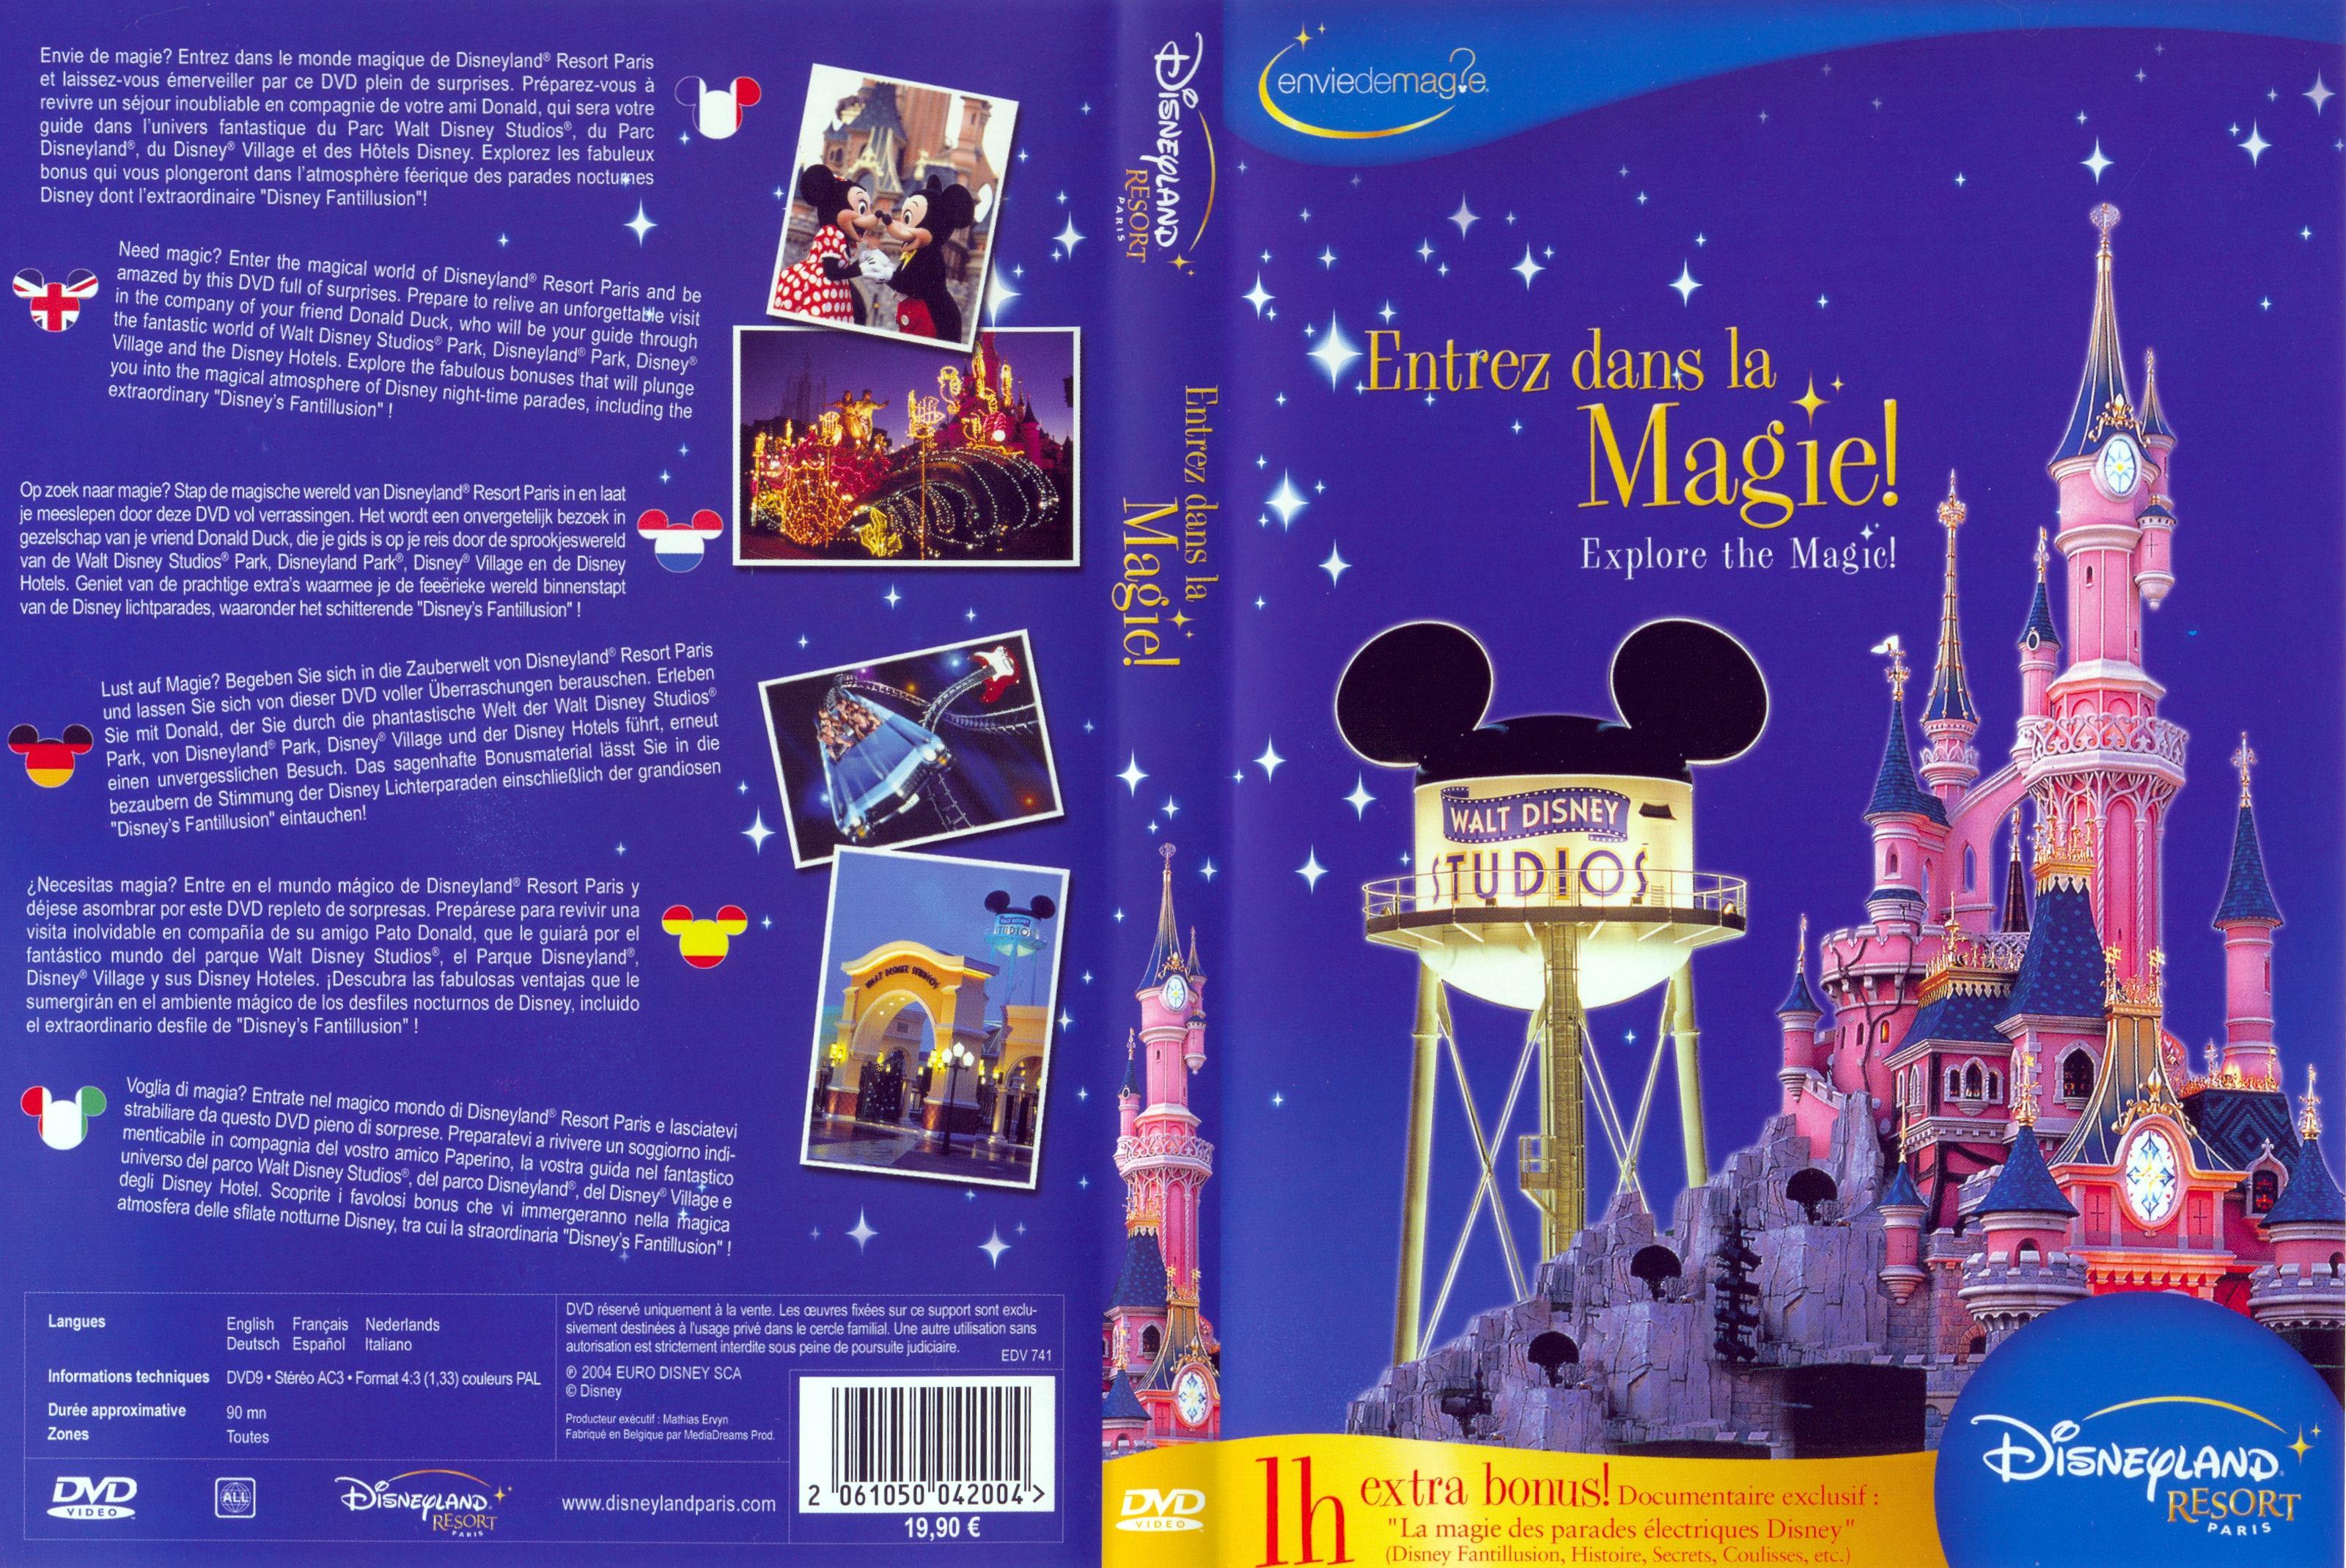 DVD ou VHS sur Disneyland Paris Disneyland_Paris___entrez_dans_la_magie-13111911042006